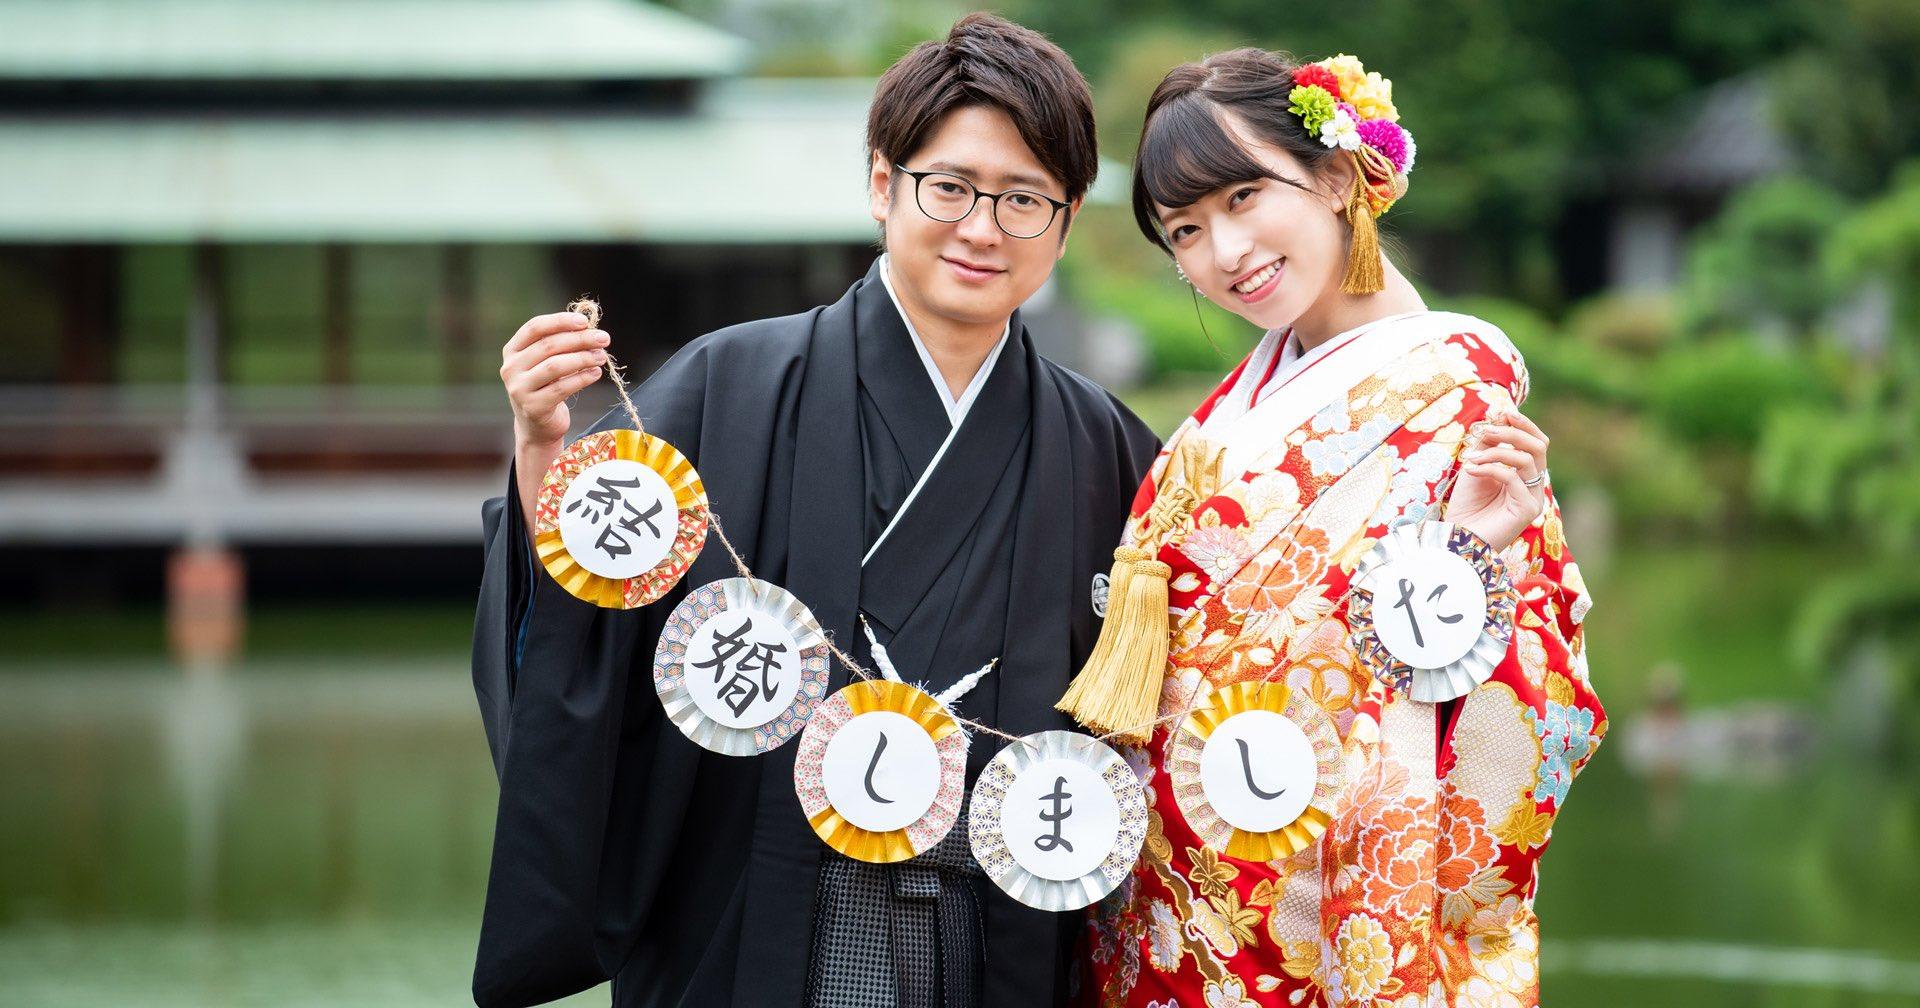 10年恋爱终圆满 著名街霸职业选手Fuudo与美臀职人仓持由香结婚